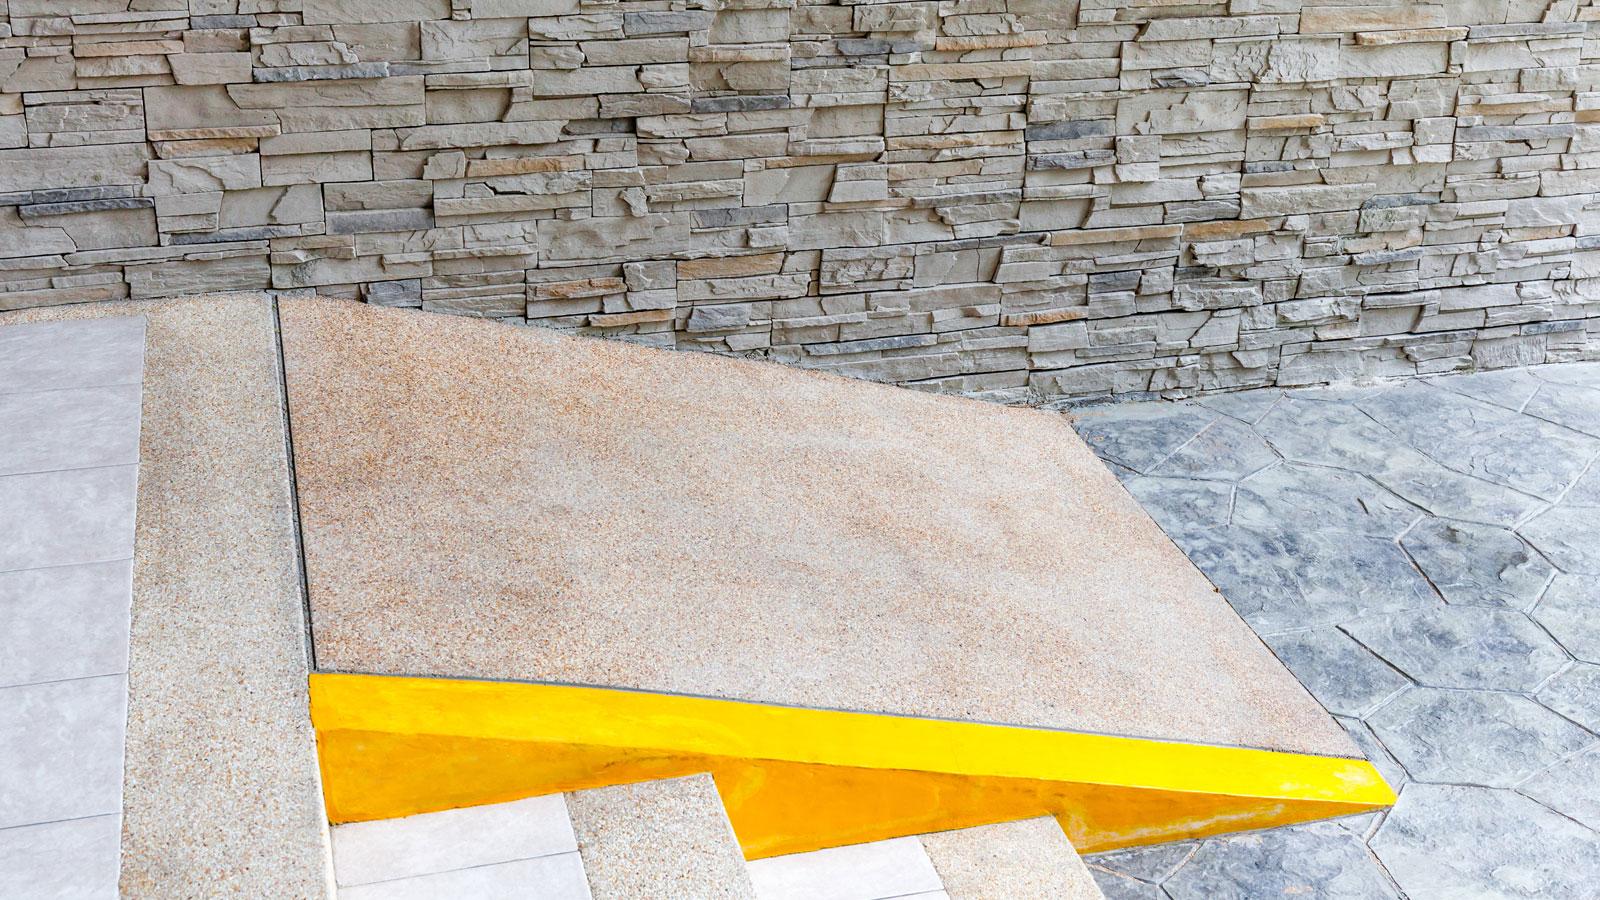 Prédios acessíveis: como pedir a construção de rampas e plataformas